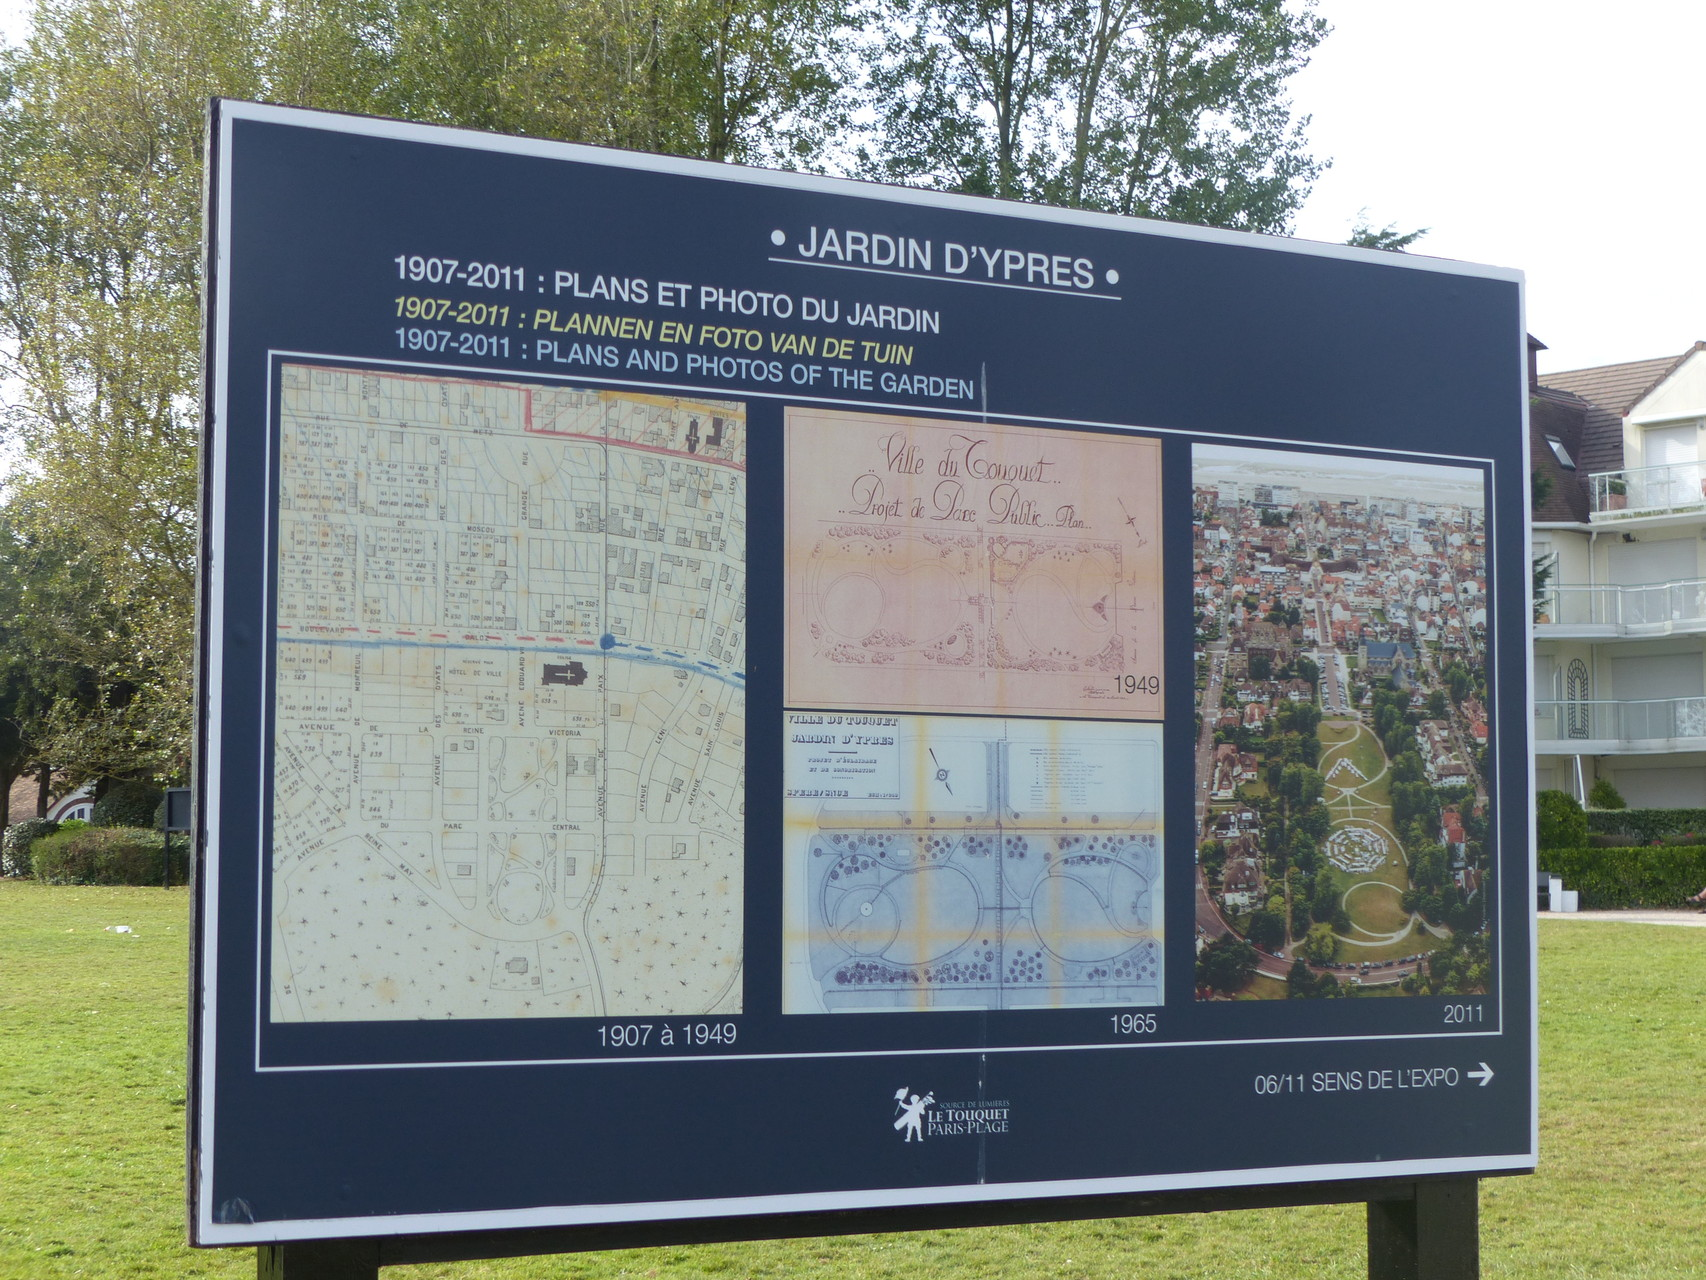 Les Jardins d'Ypres au Touquet